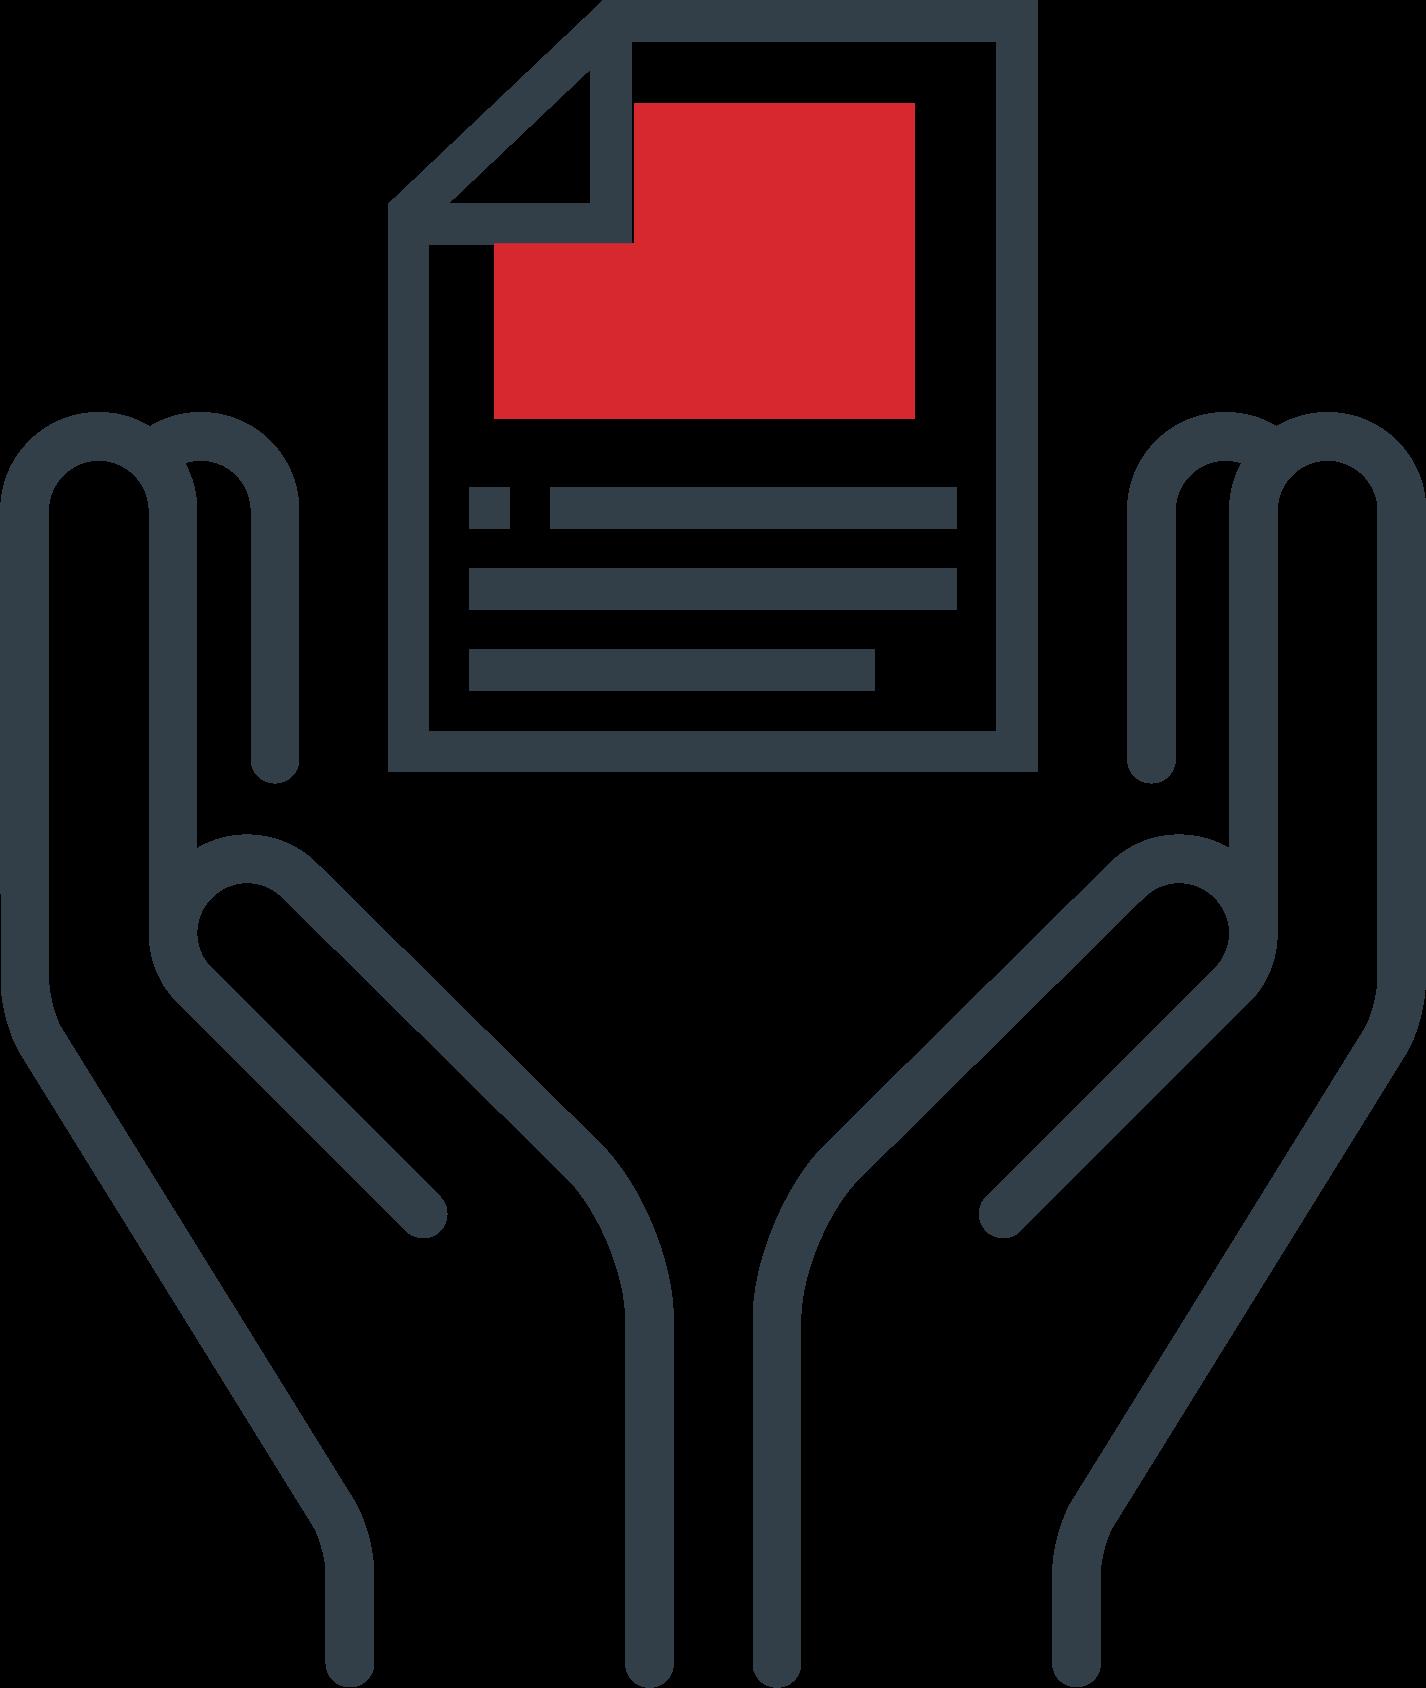 acceso - Seguridad de la Información